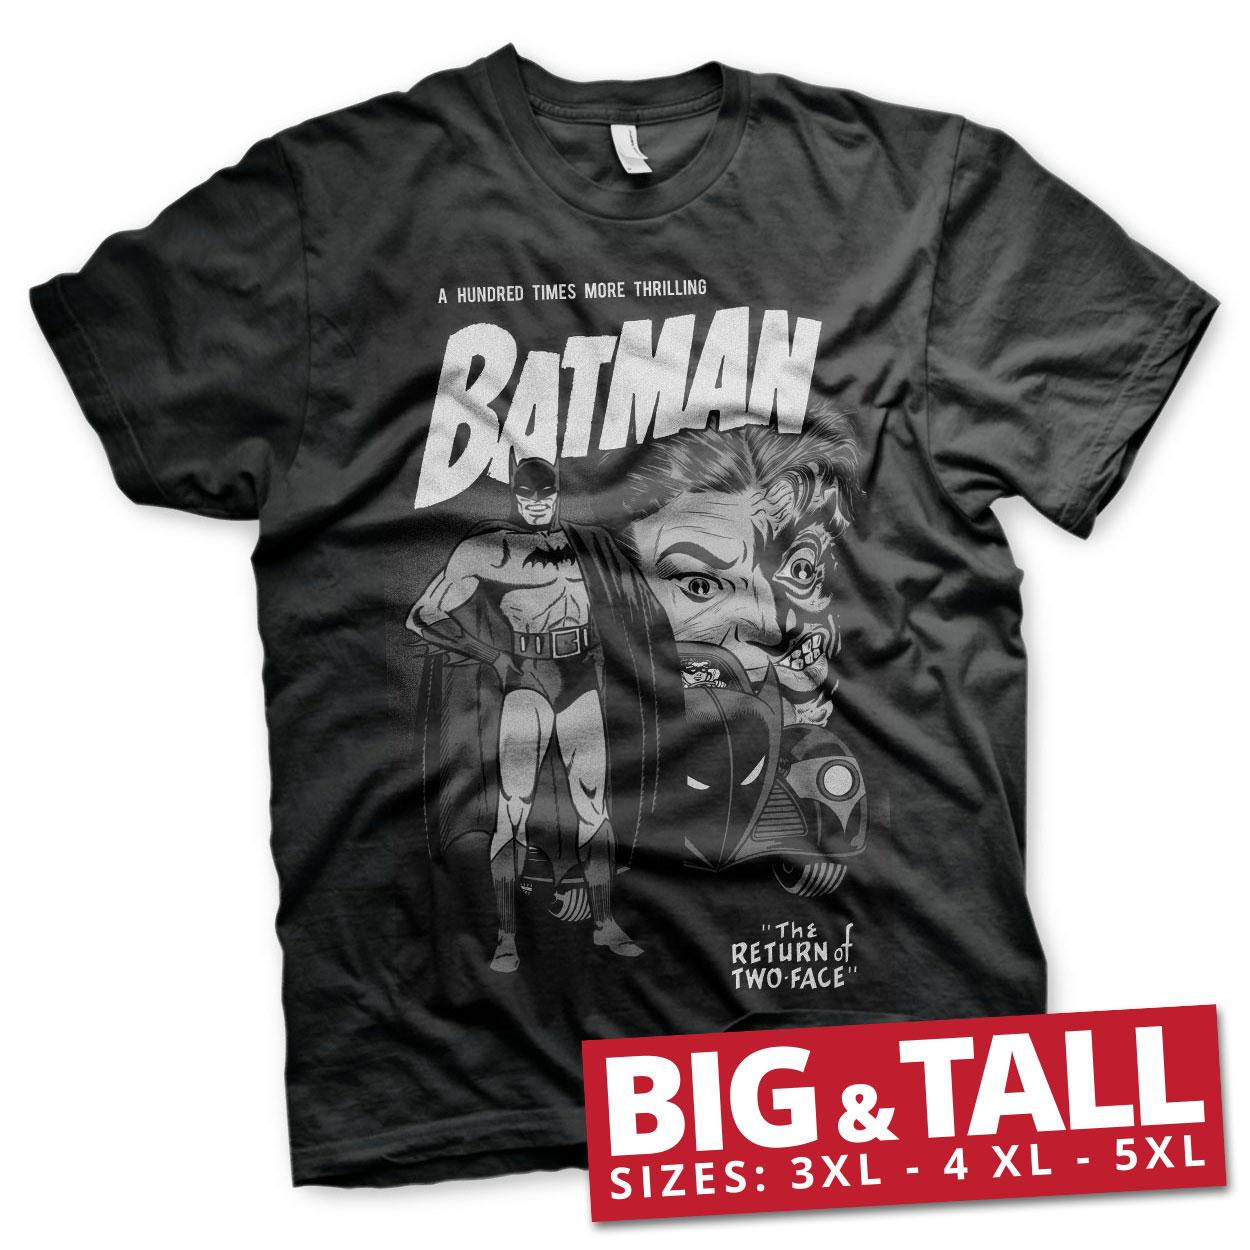 WB-99-BAT044-BK